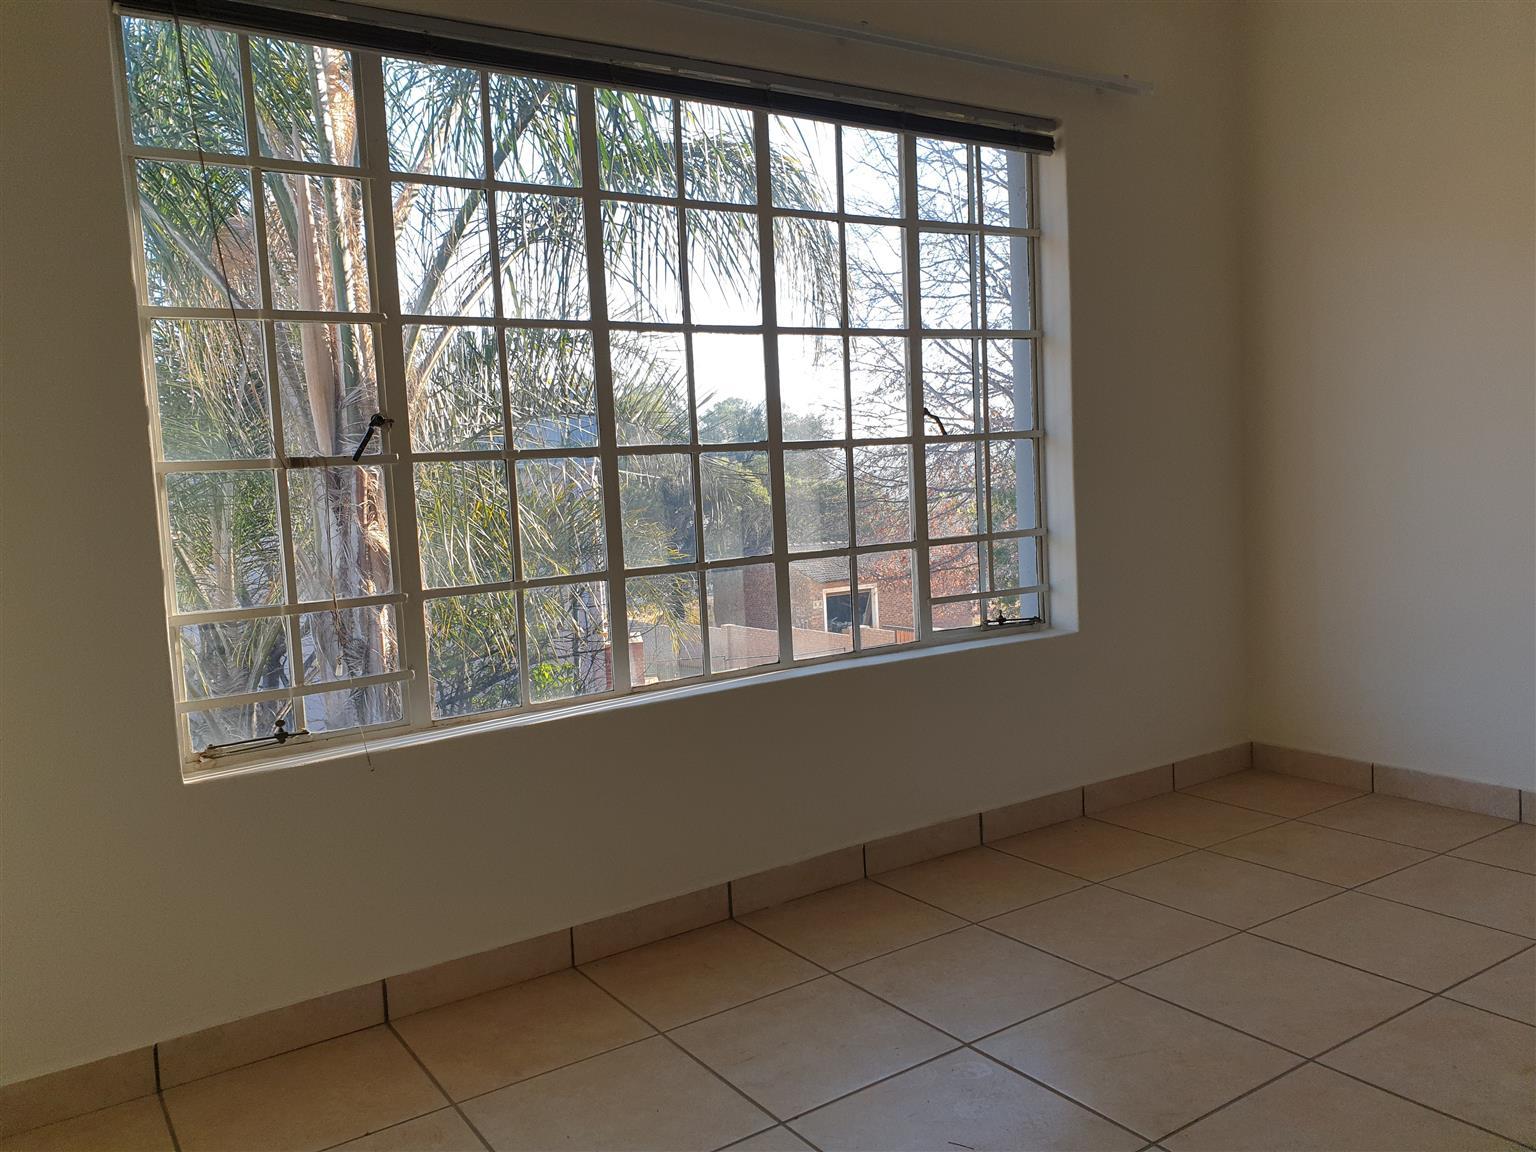 3 Bed to Rent in Pretoria East Zwavelpoort